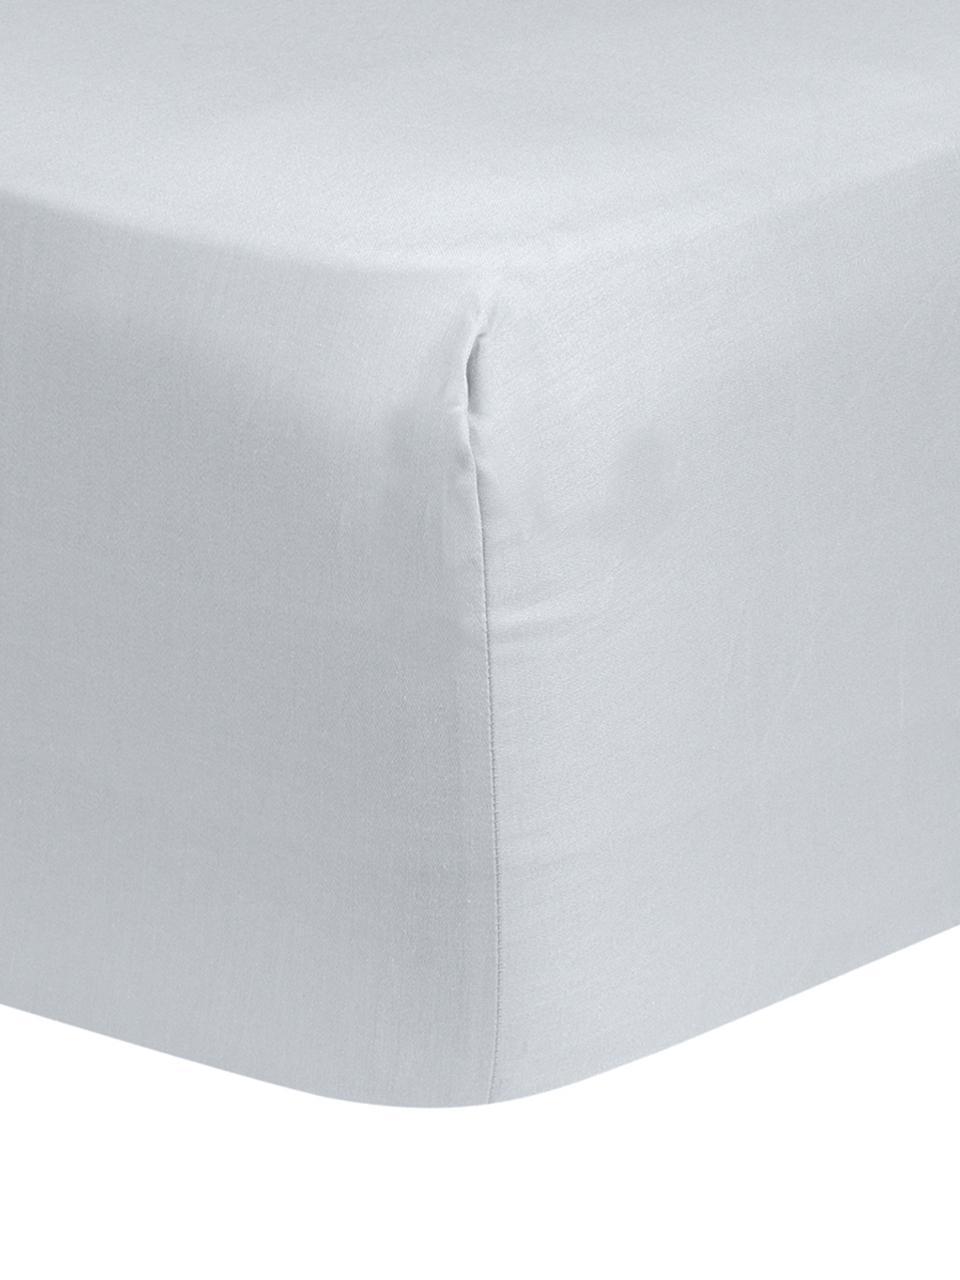 Spannbettlaken Comfort, Baumwollsatin, Webart: Satin, leicht glänzend, Hellgrau, 160 x 200 cm